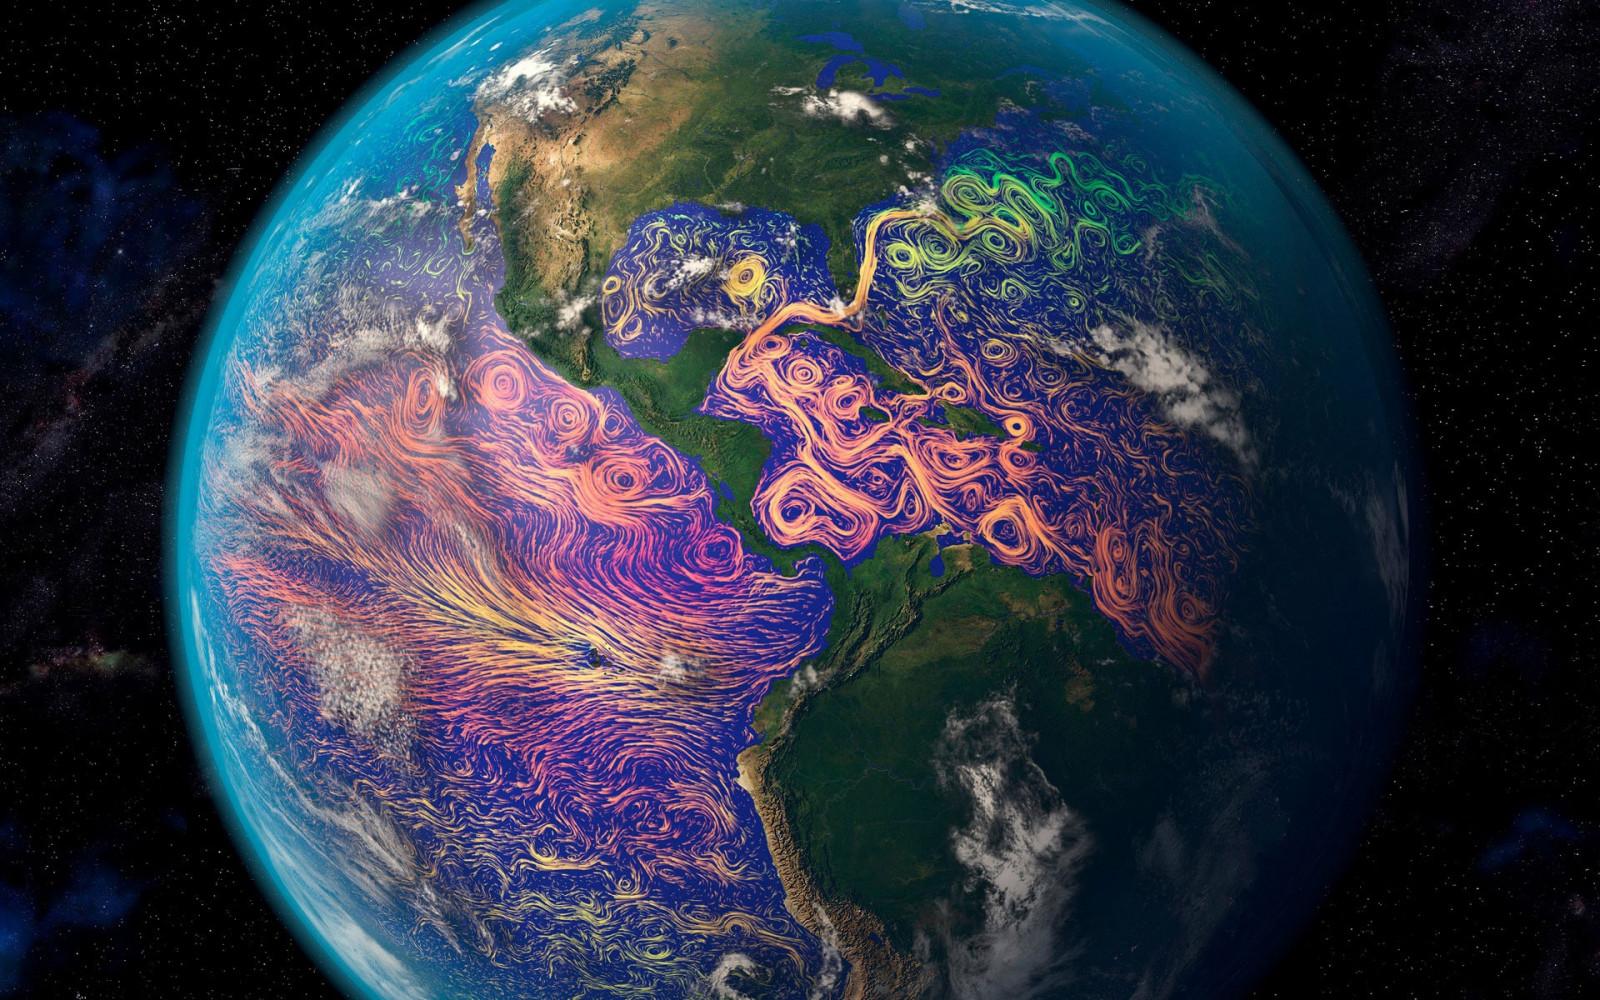 Картинки как выглядит планета земля из космоса